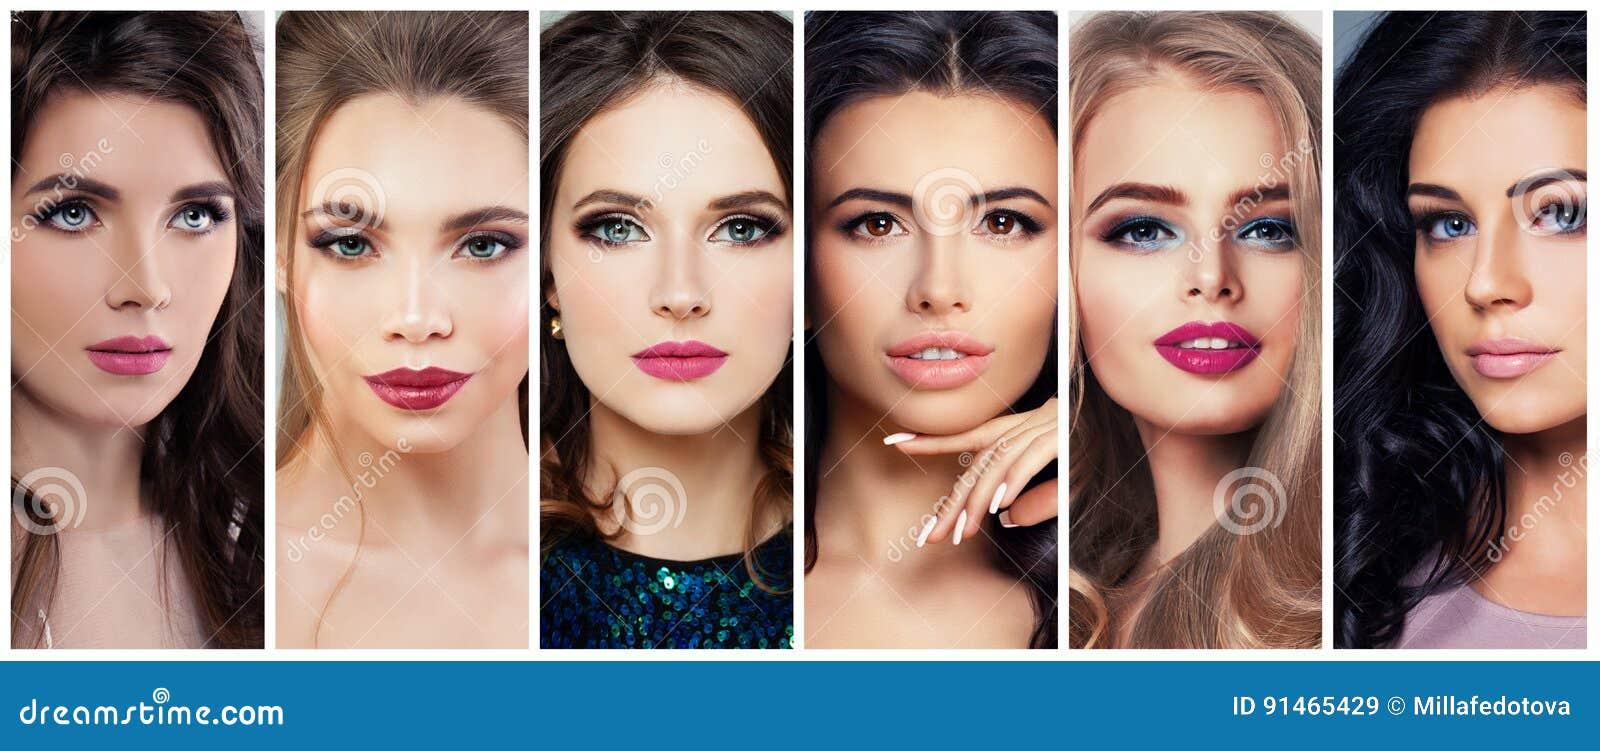 Женщины совершенной красоты фото фото 81-149